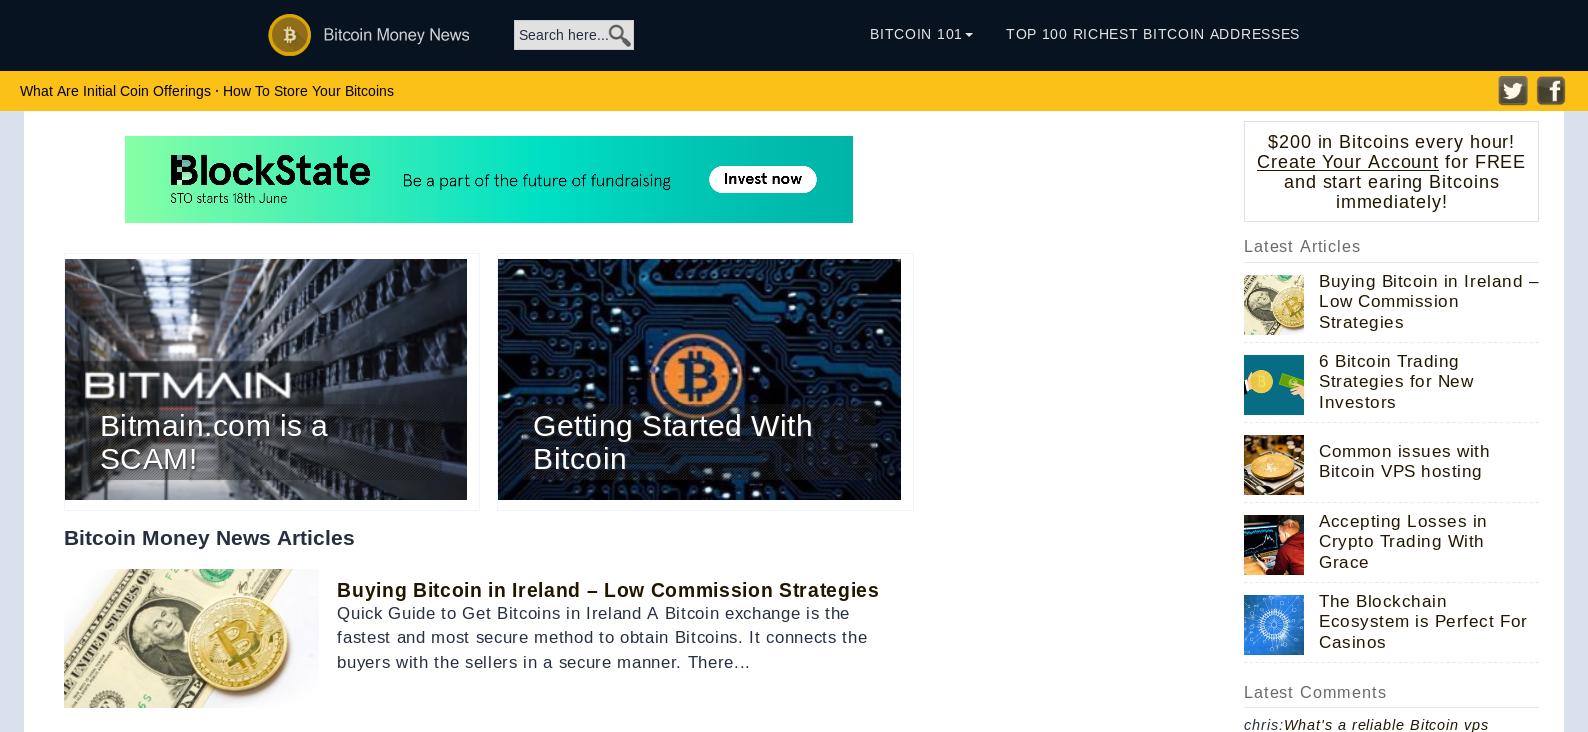 Guest Post on Bitcoin Money News - Da 26